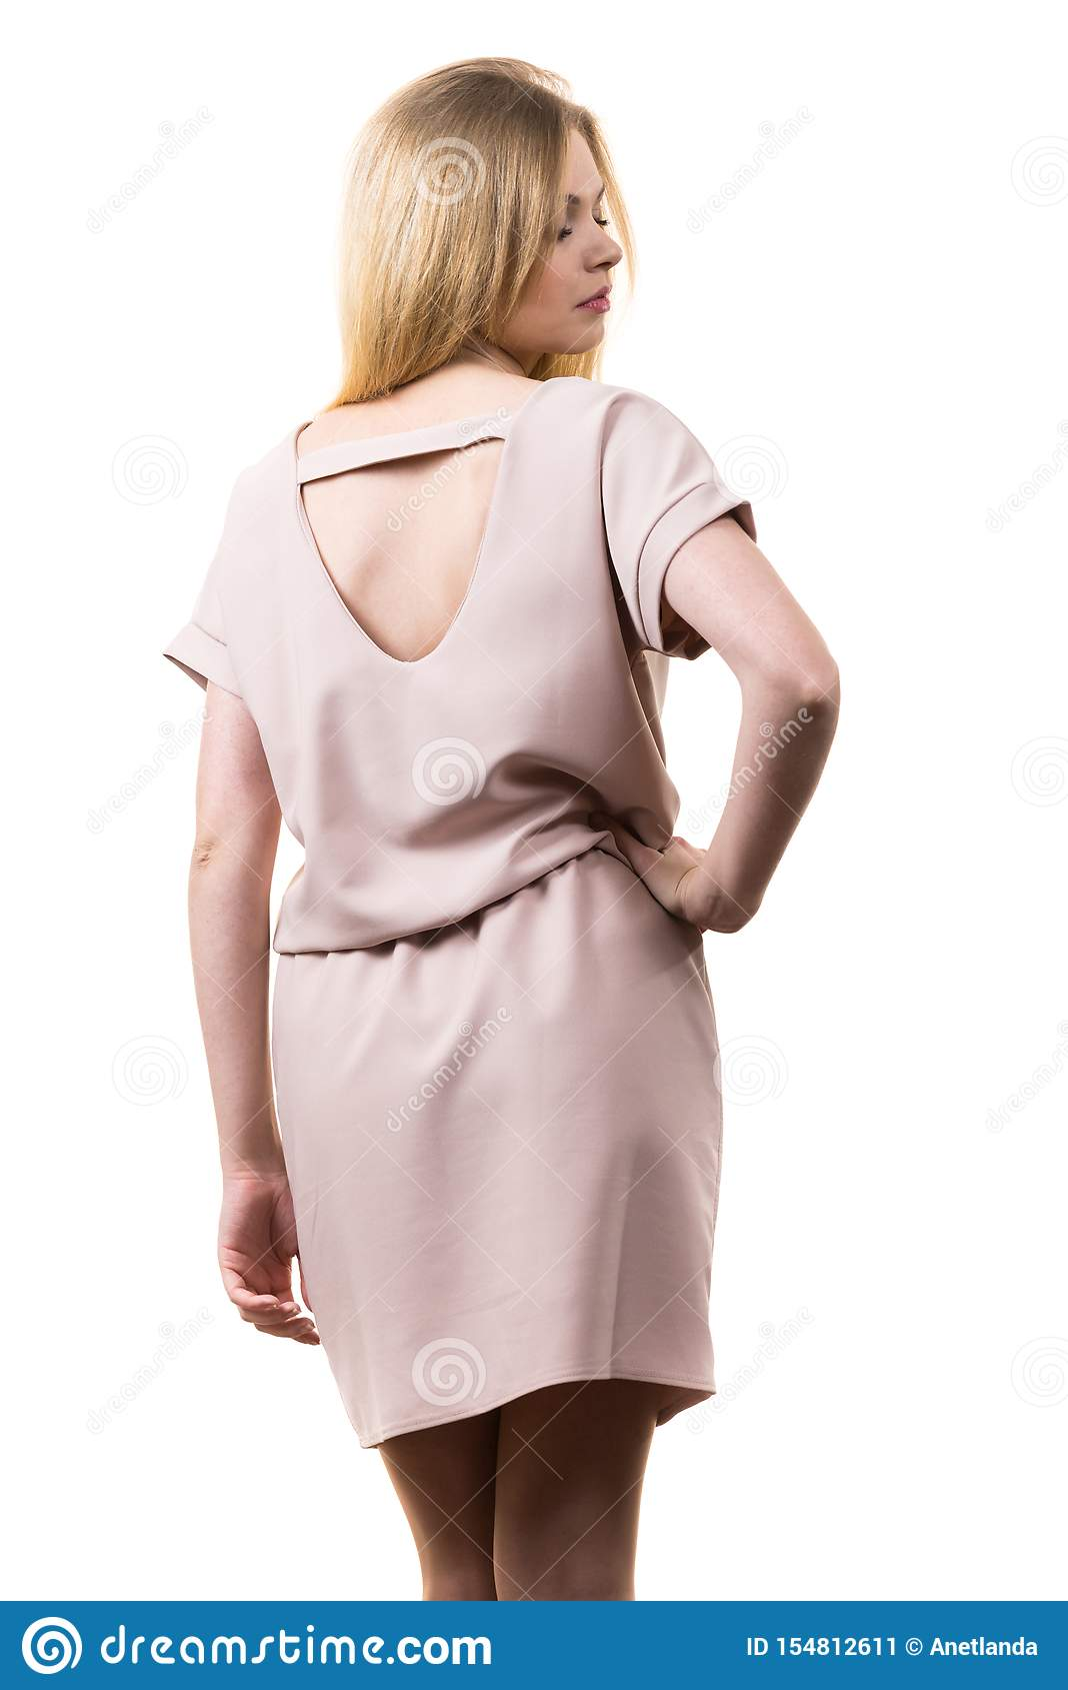 Vestido cor-de-rosa ocasional vestindo f?mea da t?nica